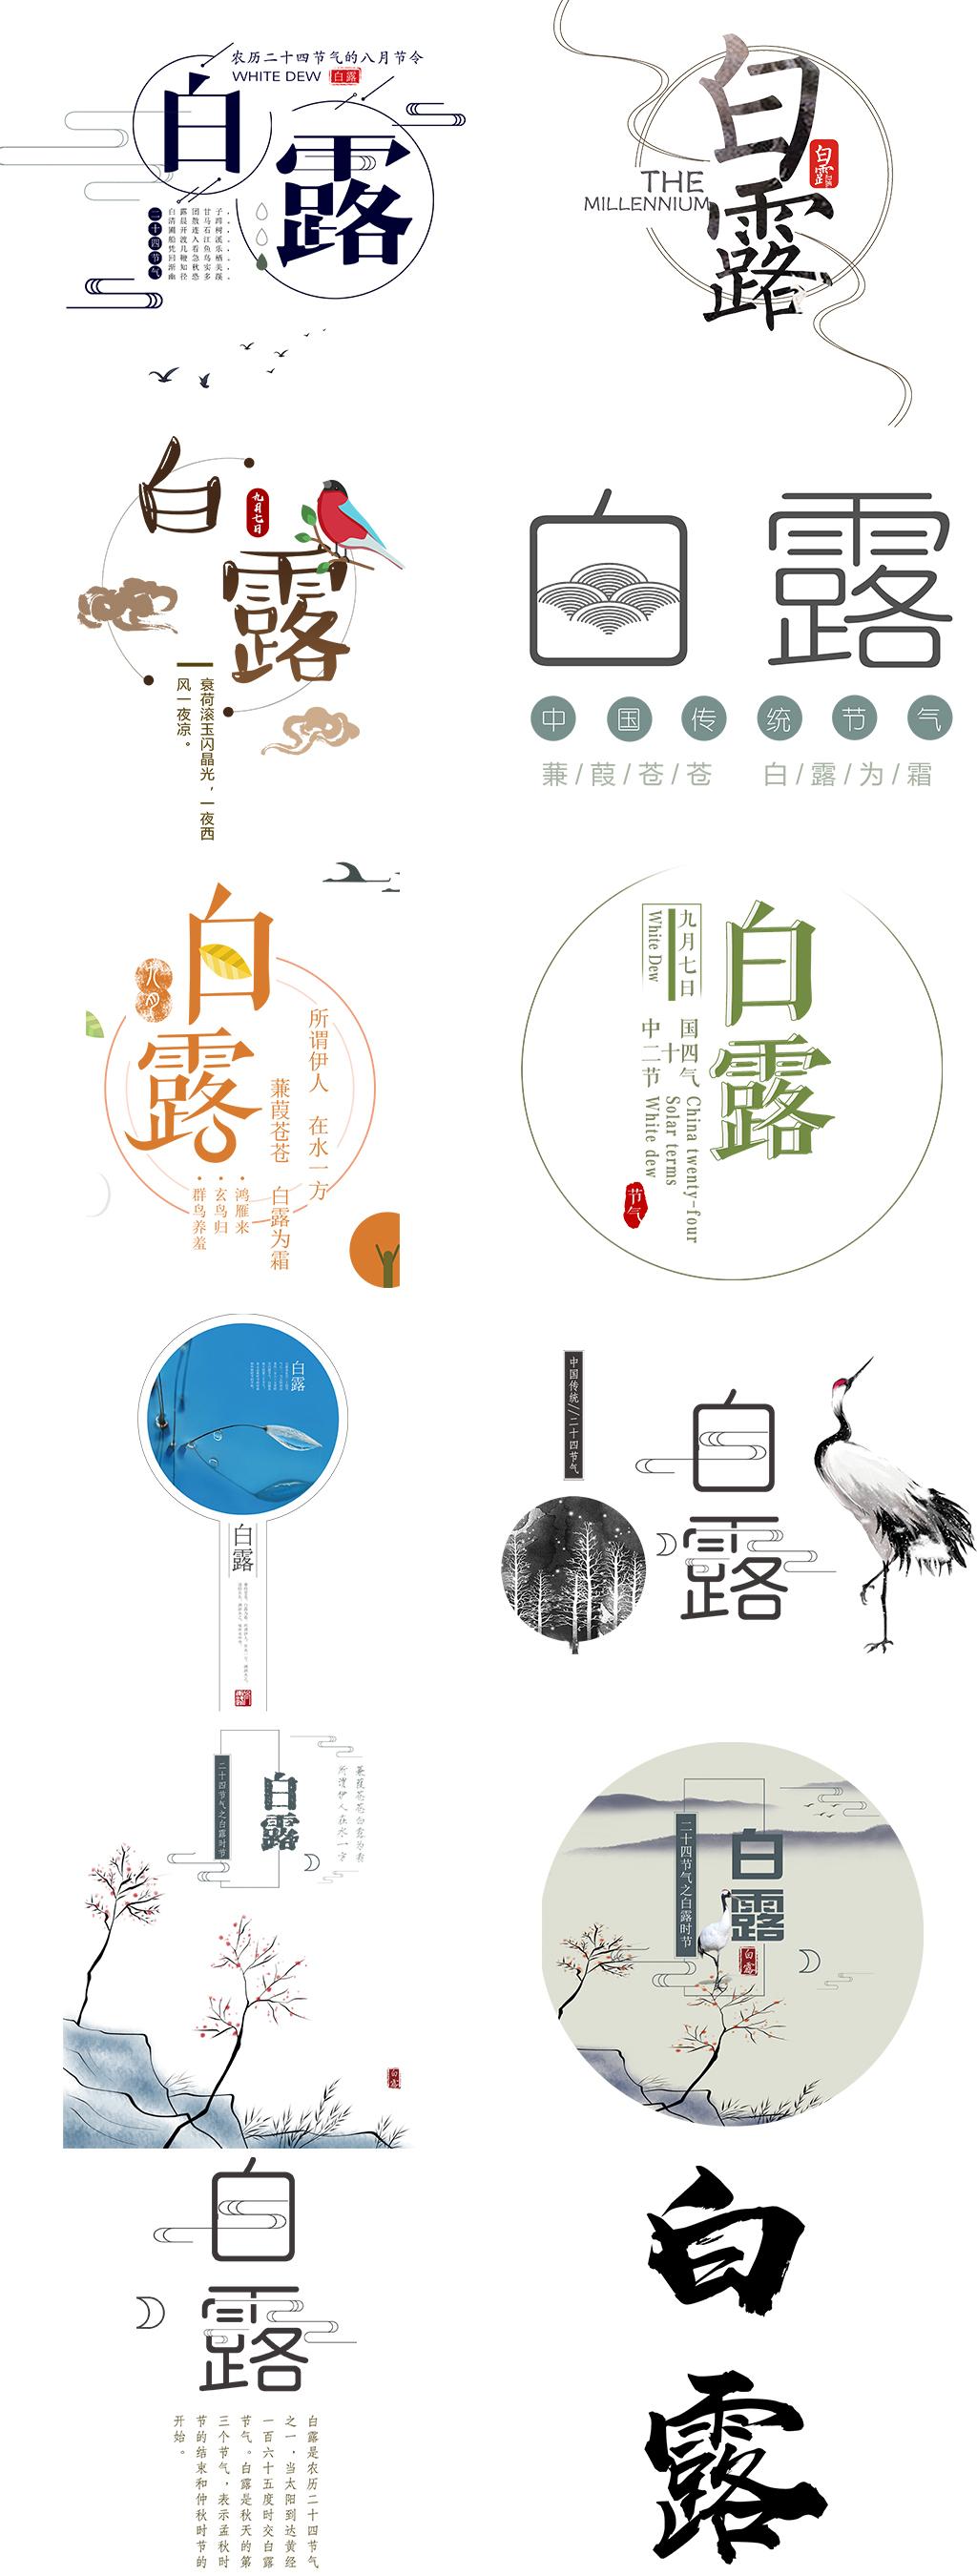 24节气白露字体元素设计png图片